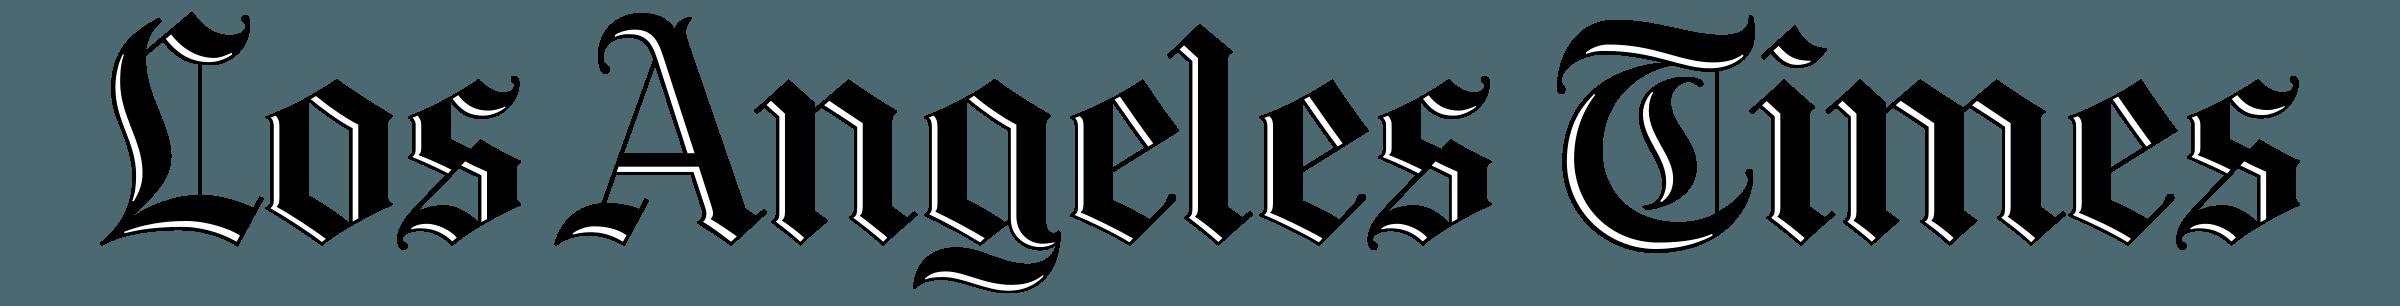 LA Times Logo PNG Transparent & SVG Vector.